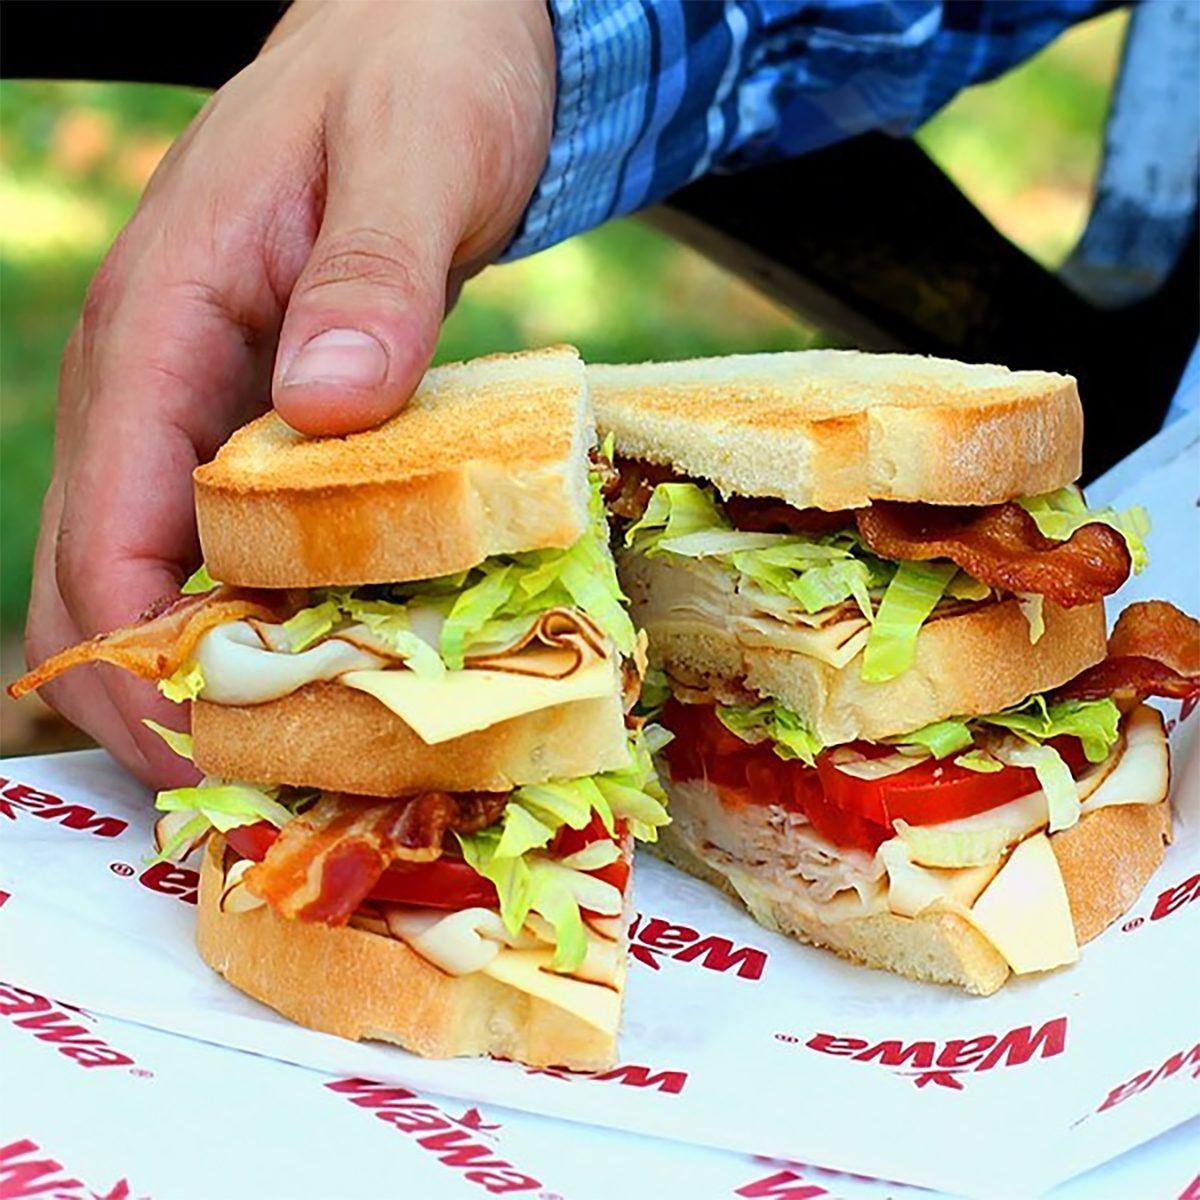 wawa sandwich